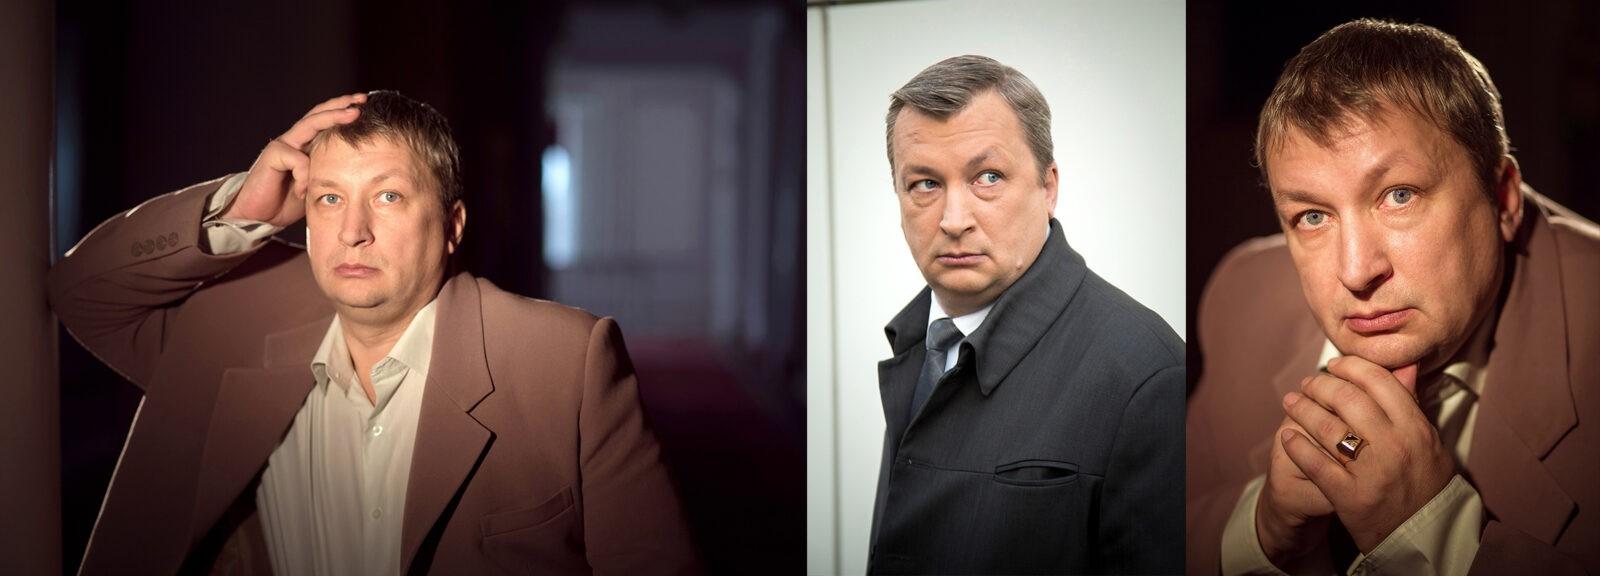 съёмка актерского портфолио в Киеве